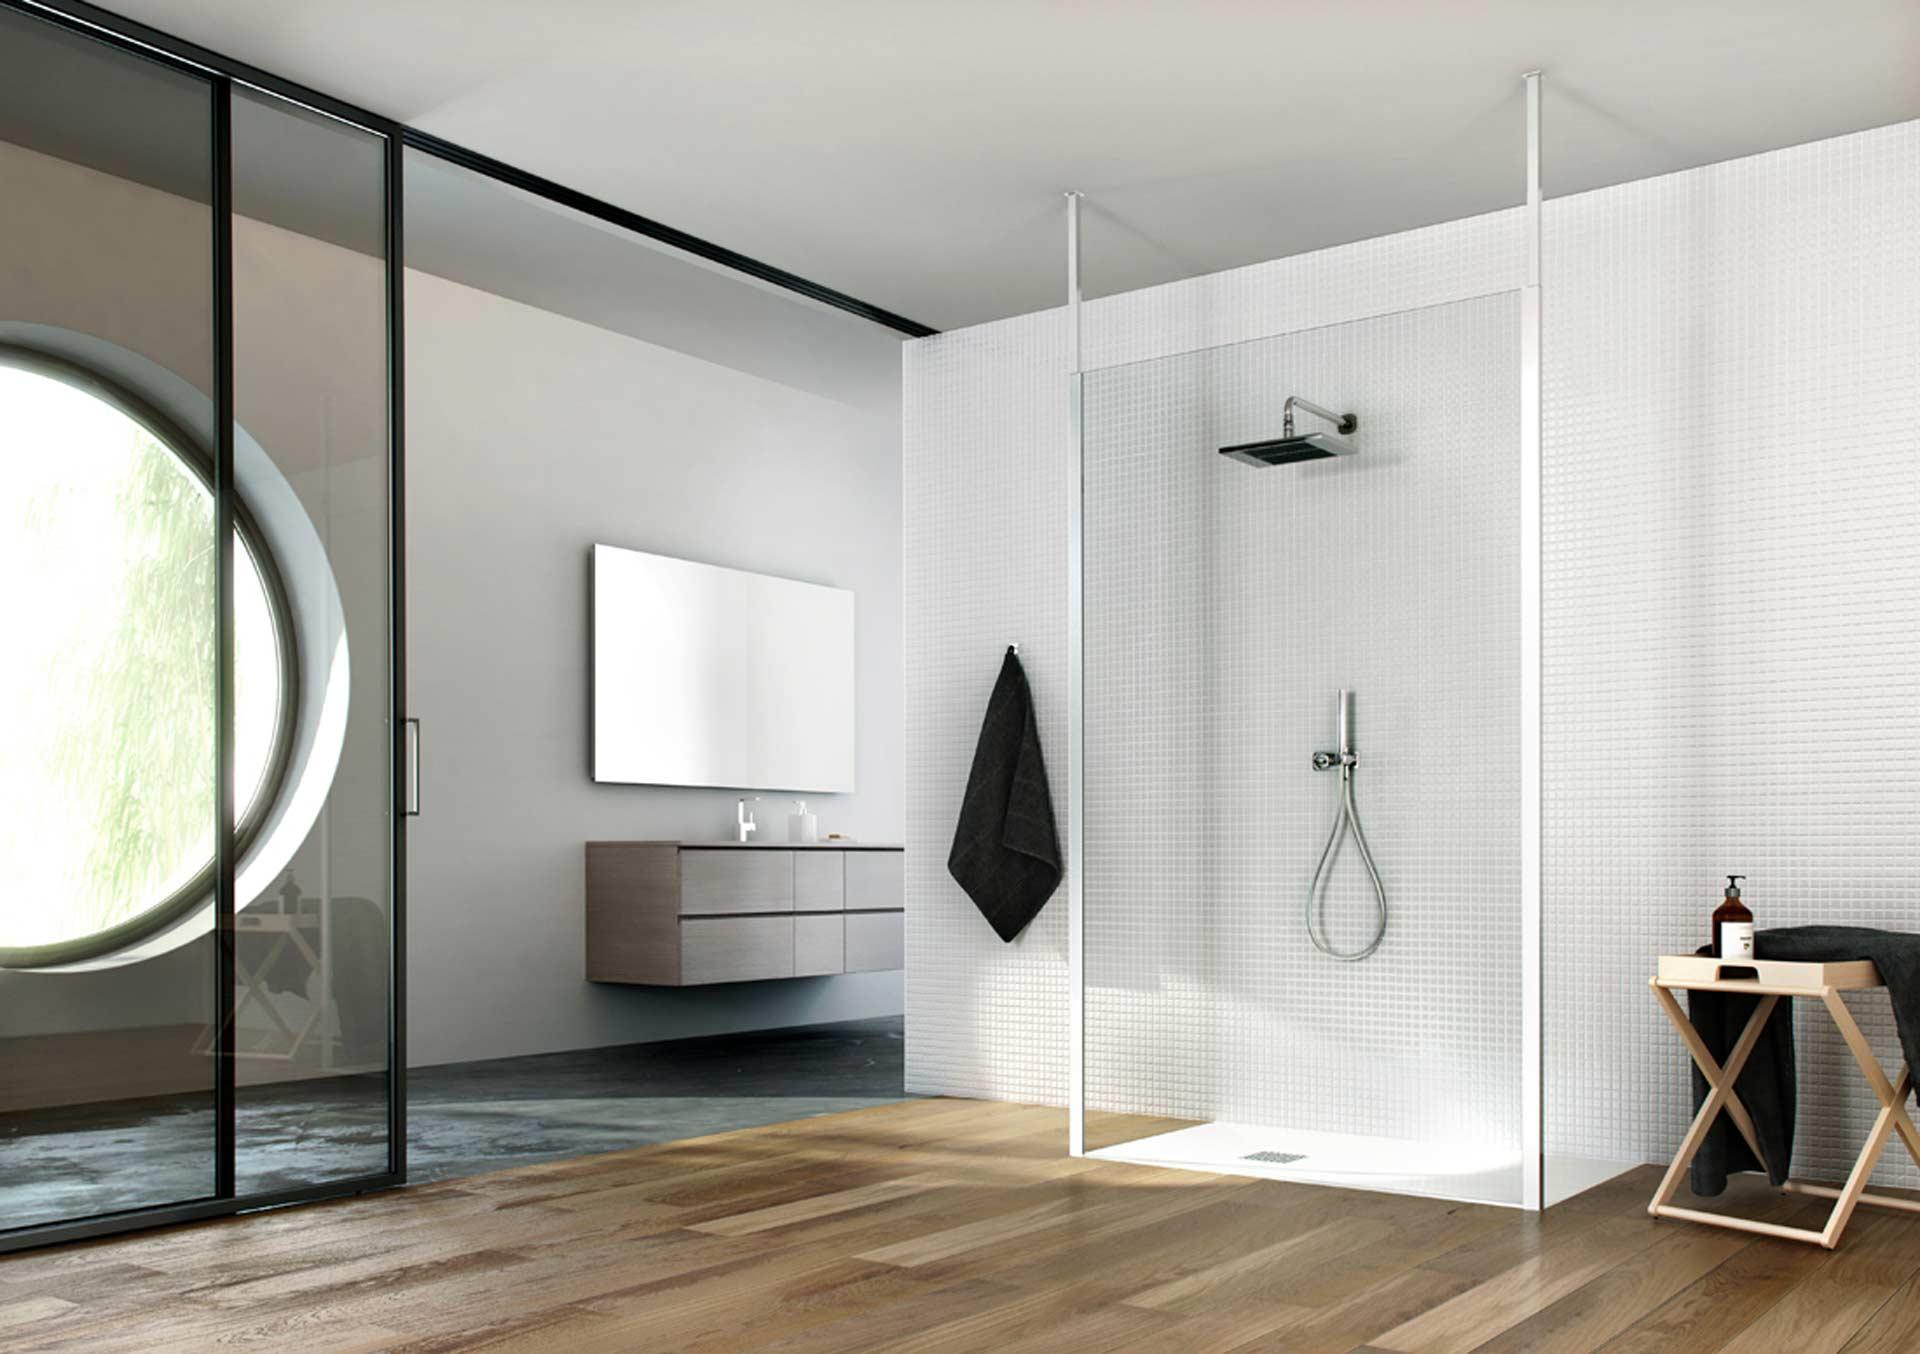 Bagni moderni piccole dimensioni beautiful vasche bagno piccole